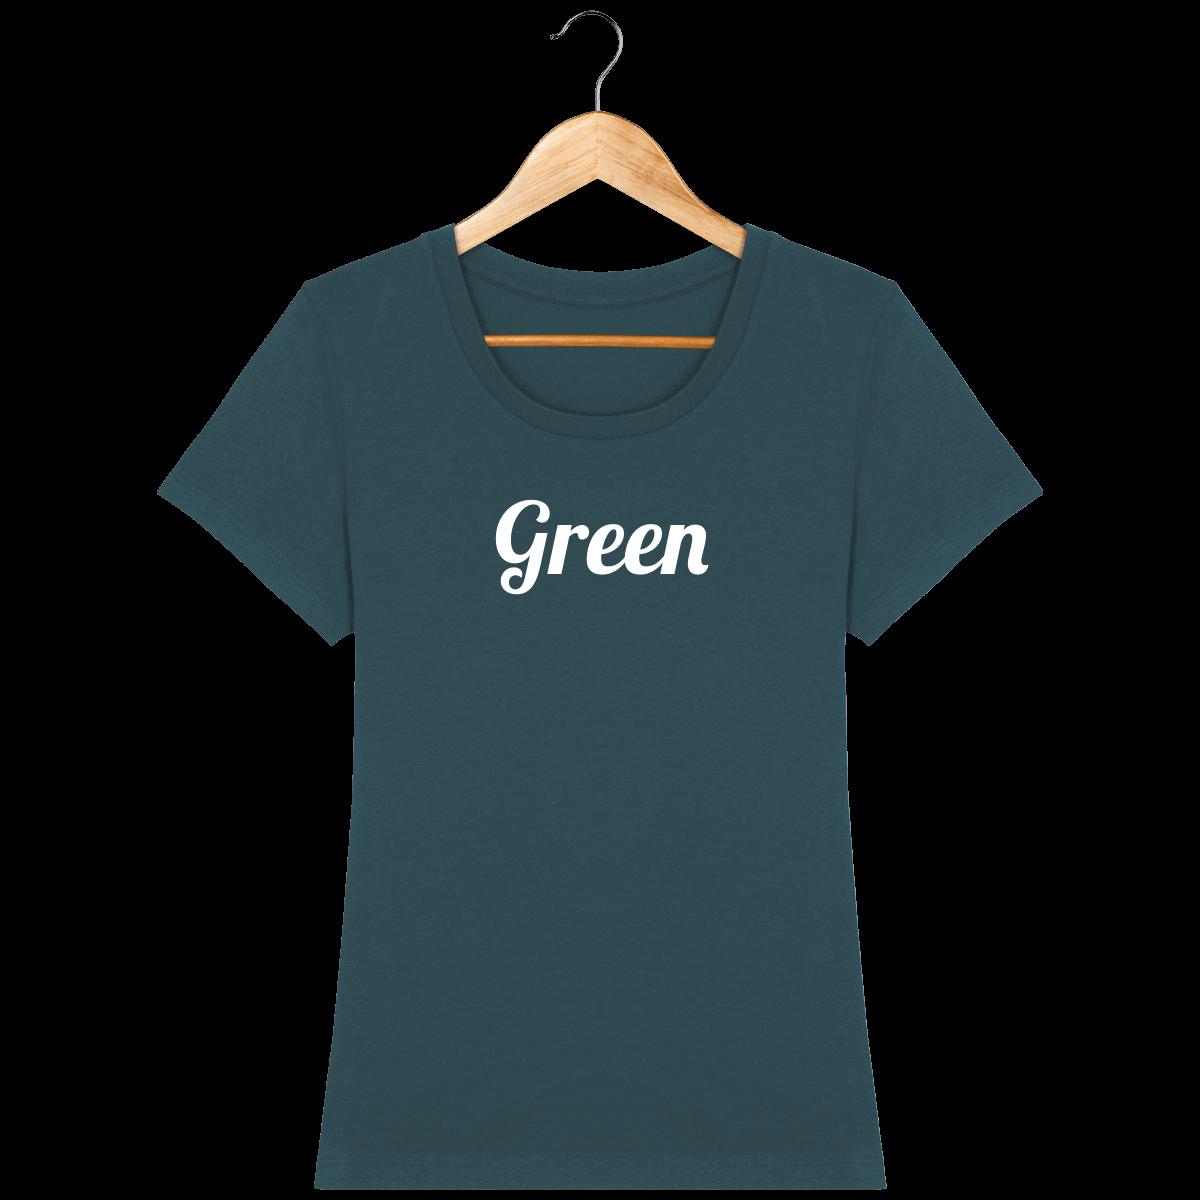 t-shirt-bio-brode-green-khaki-white_stargazer_face